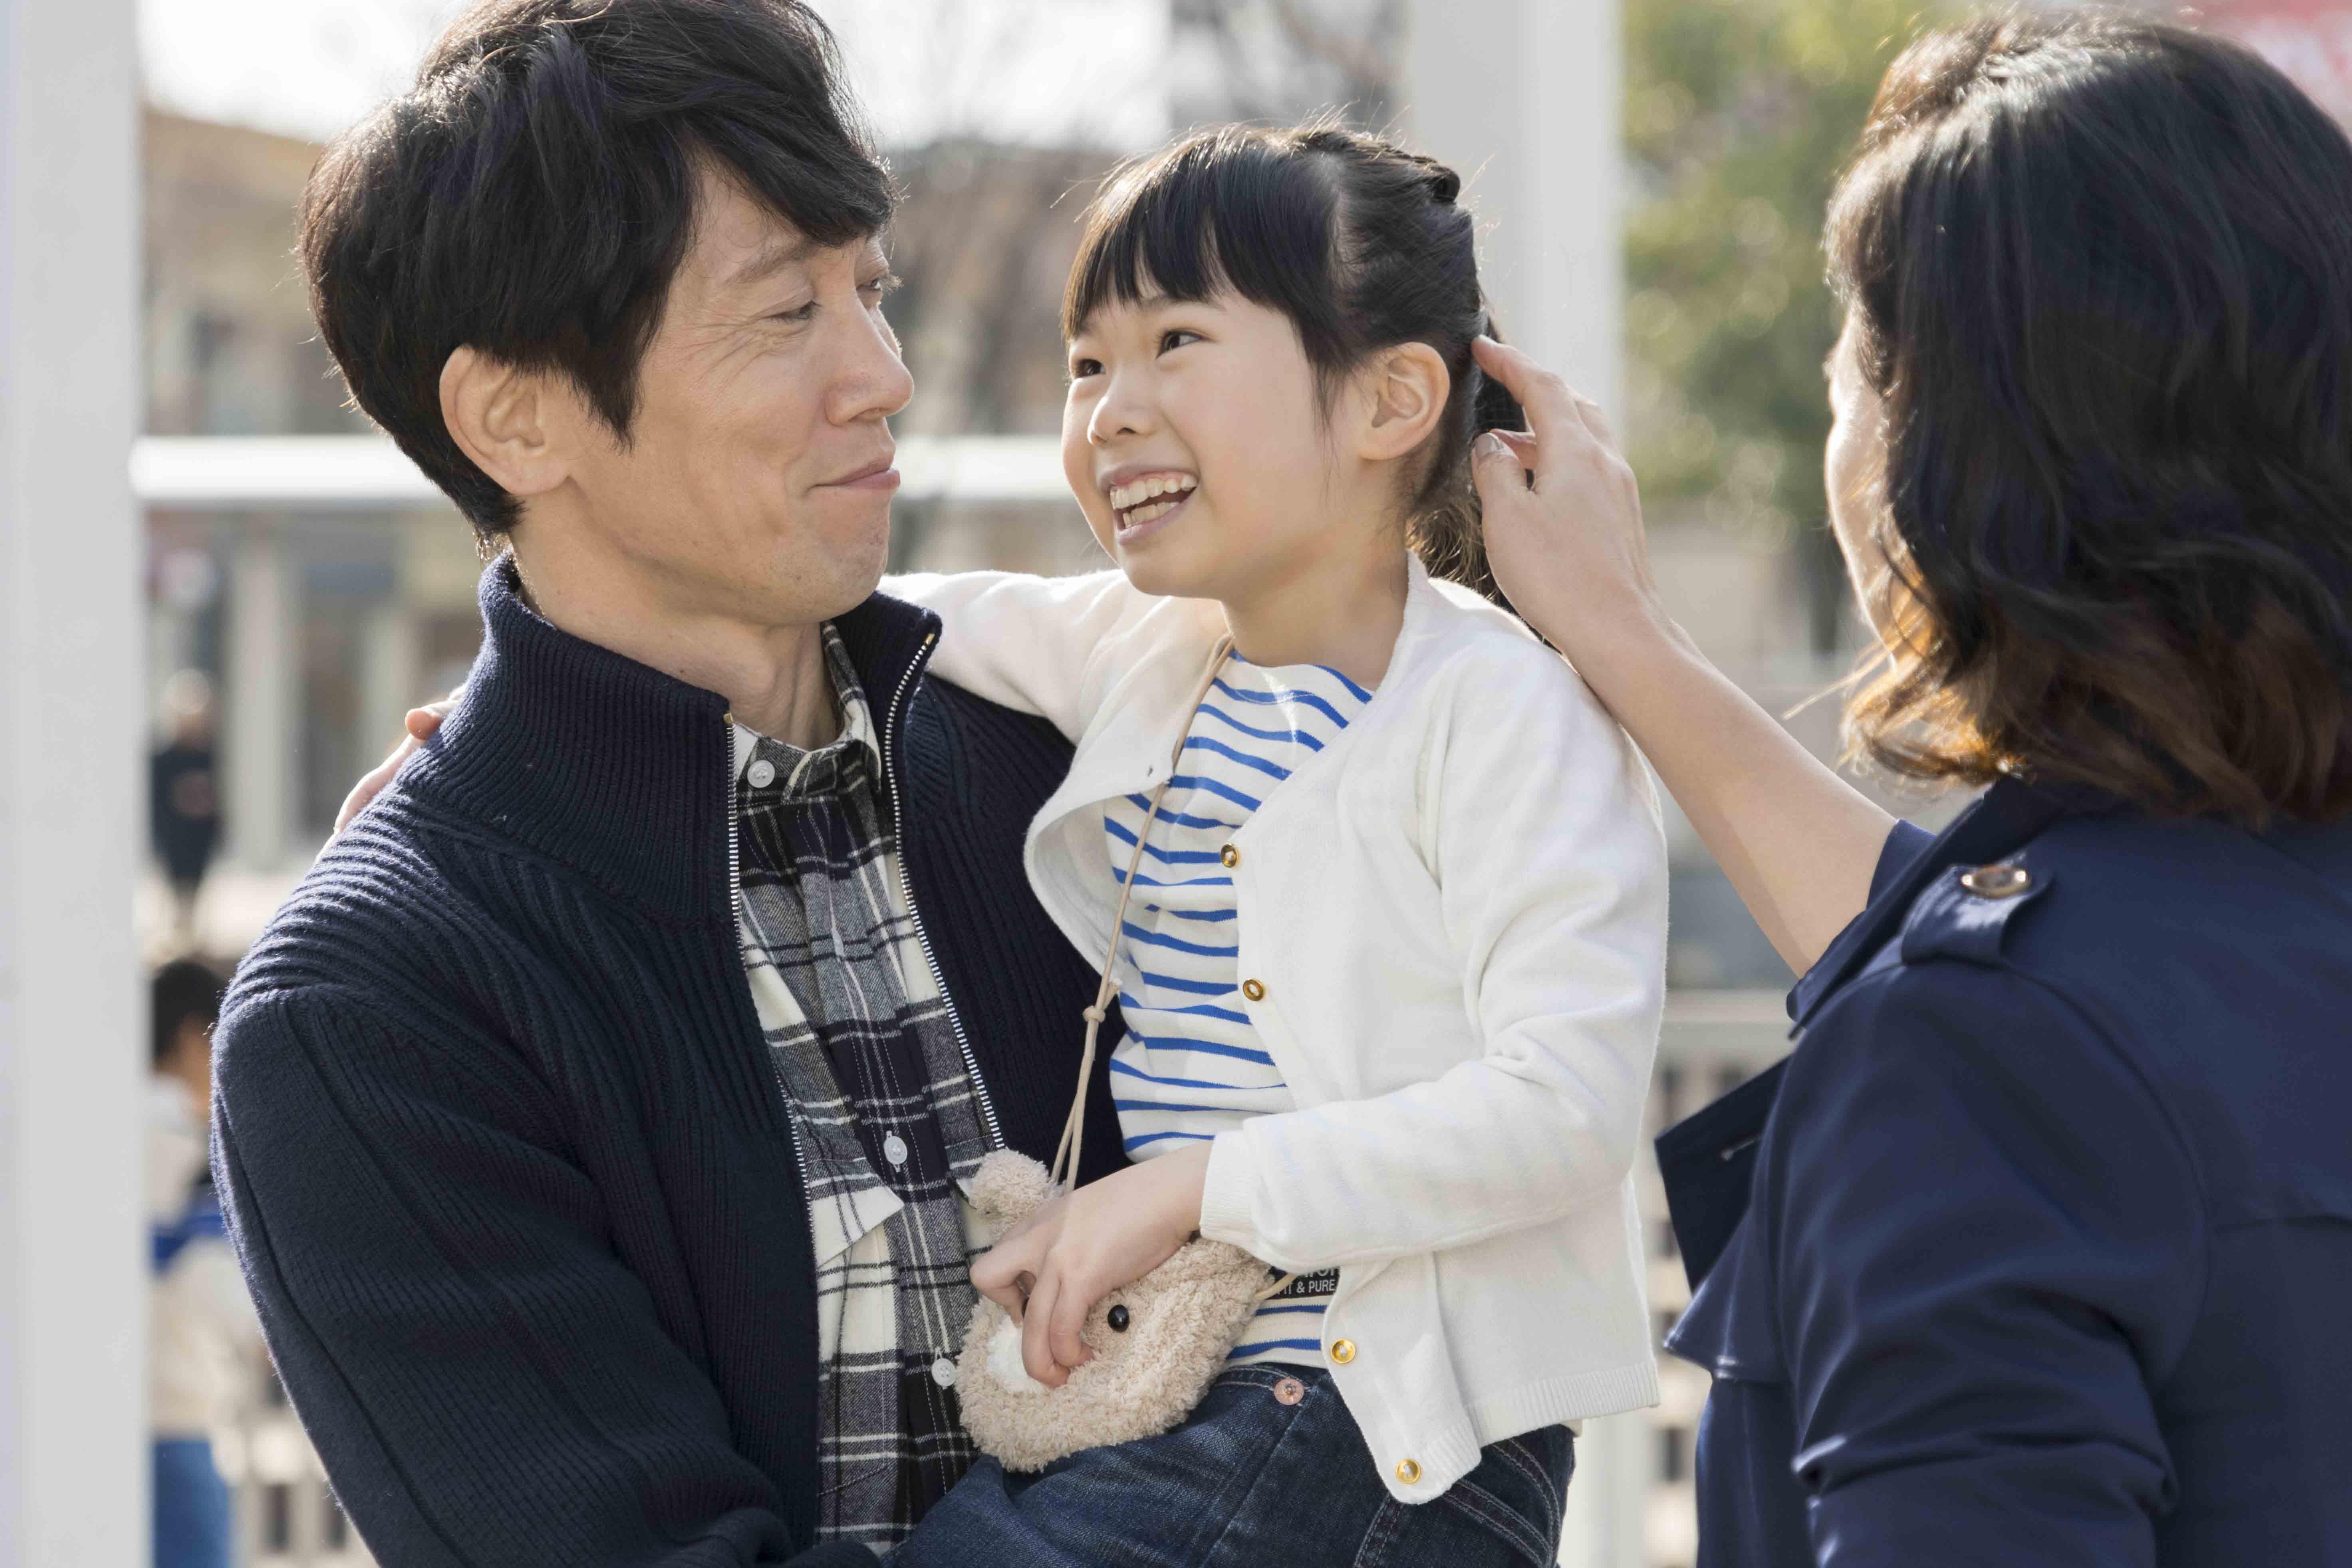 山田涼介表示,【記憶屋】描繪了各式各樣的角色,觀眾也會因為從不同的角色觀點出發,而對這部作品有不同的看法